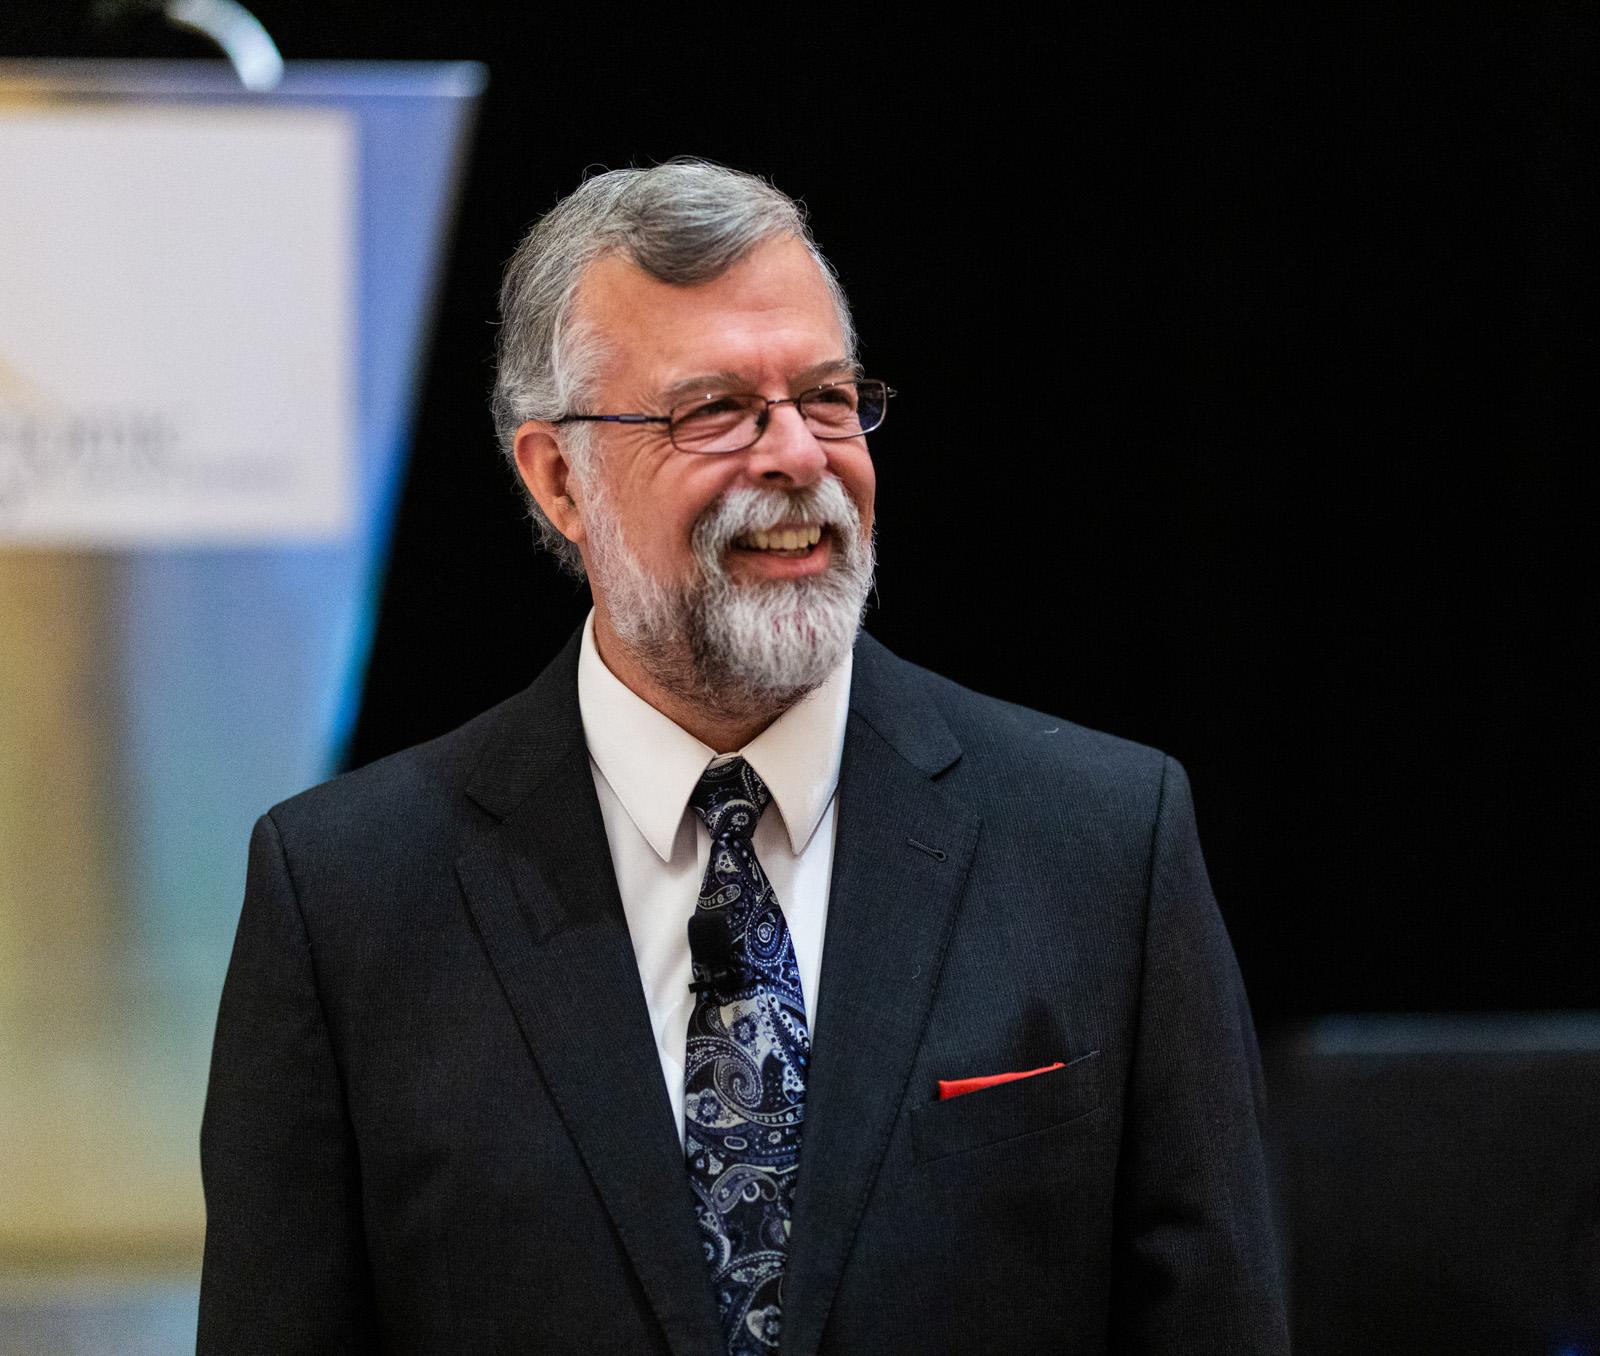 Alan Beaulieu, President of ITR Economics